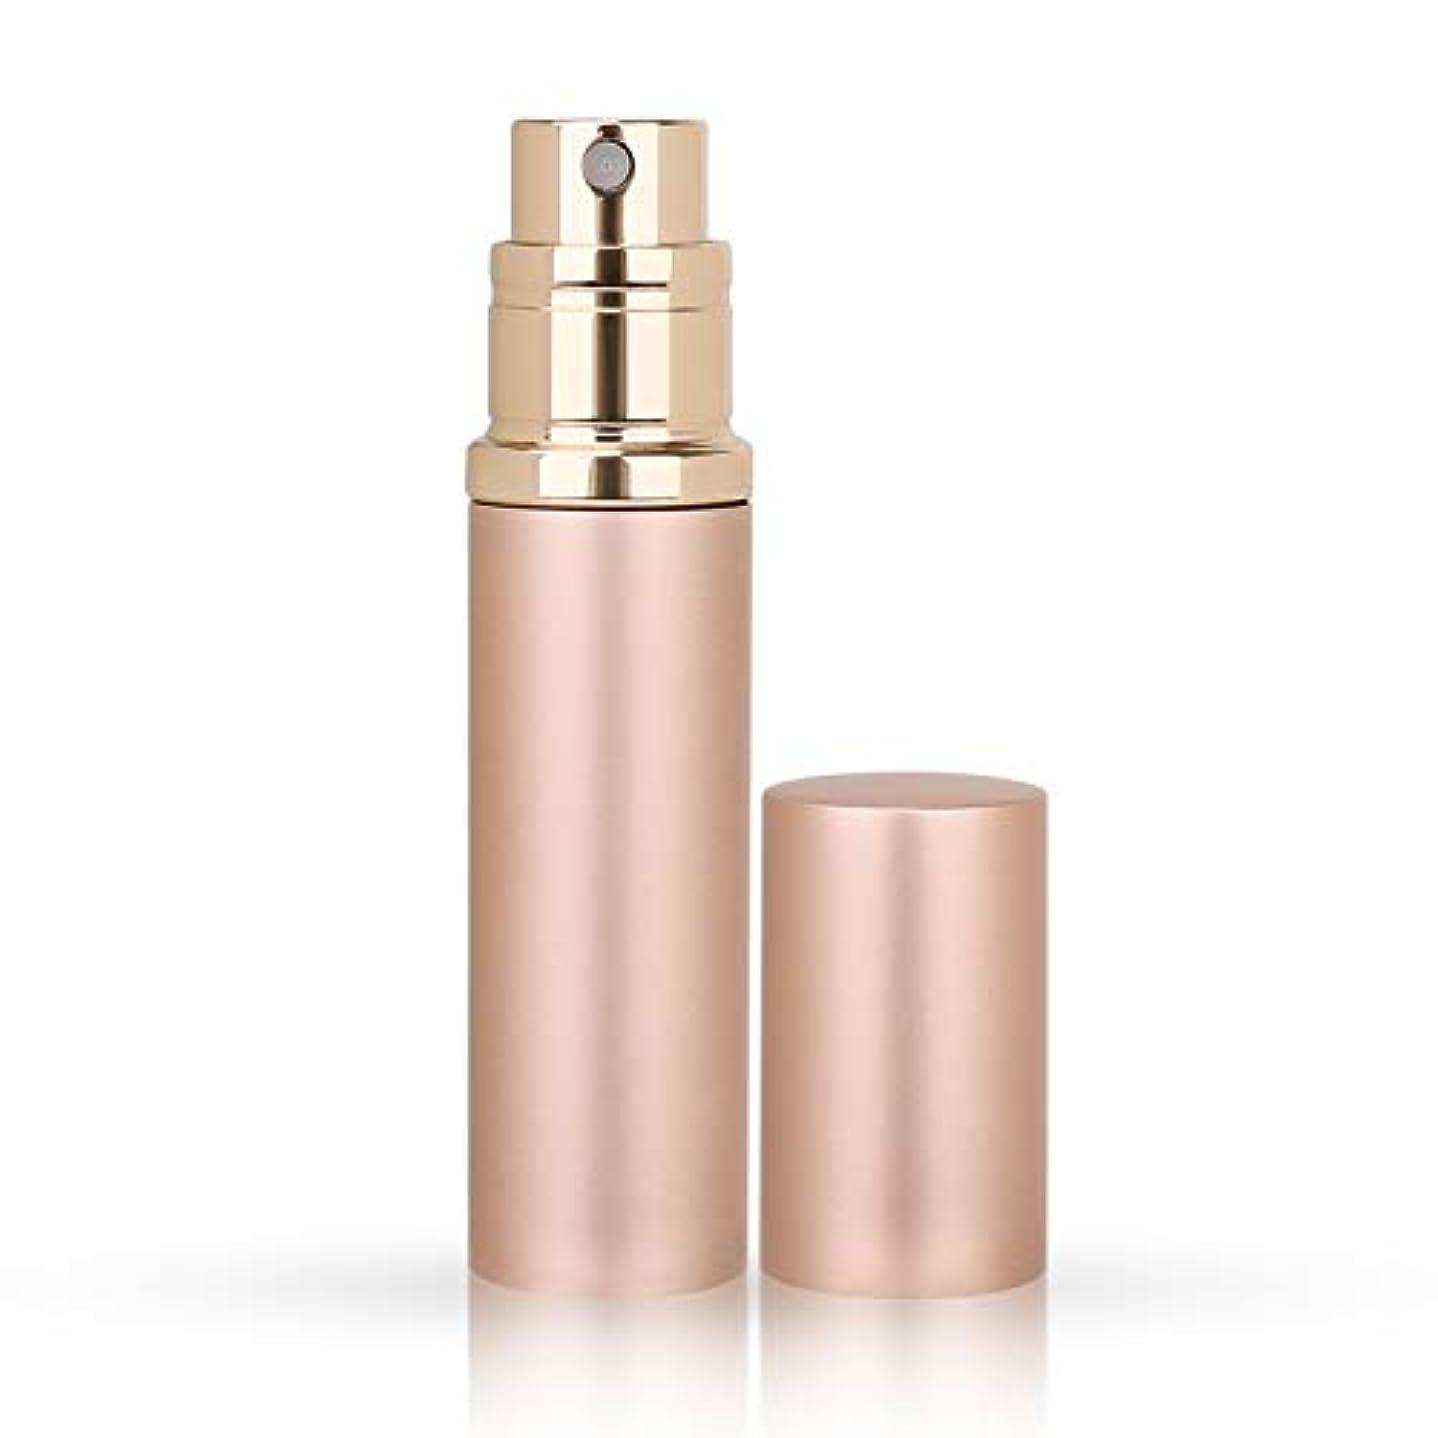 北西に関してコンプリートMOOMU アトマイザー 香水スプレー 噴霧器 詰め替え容器 底部充填方式 携帯用5ml (ローズゴ-ルド RoseGold)